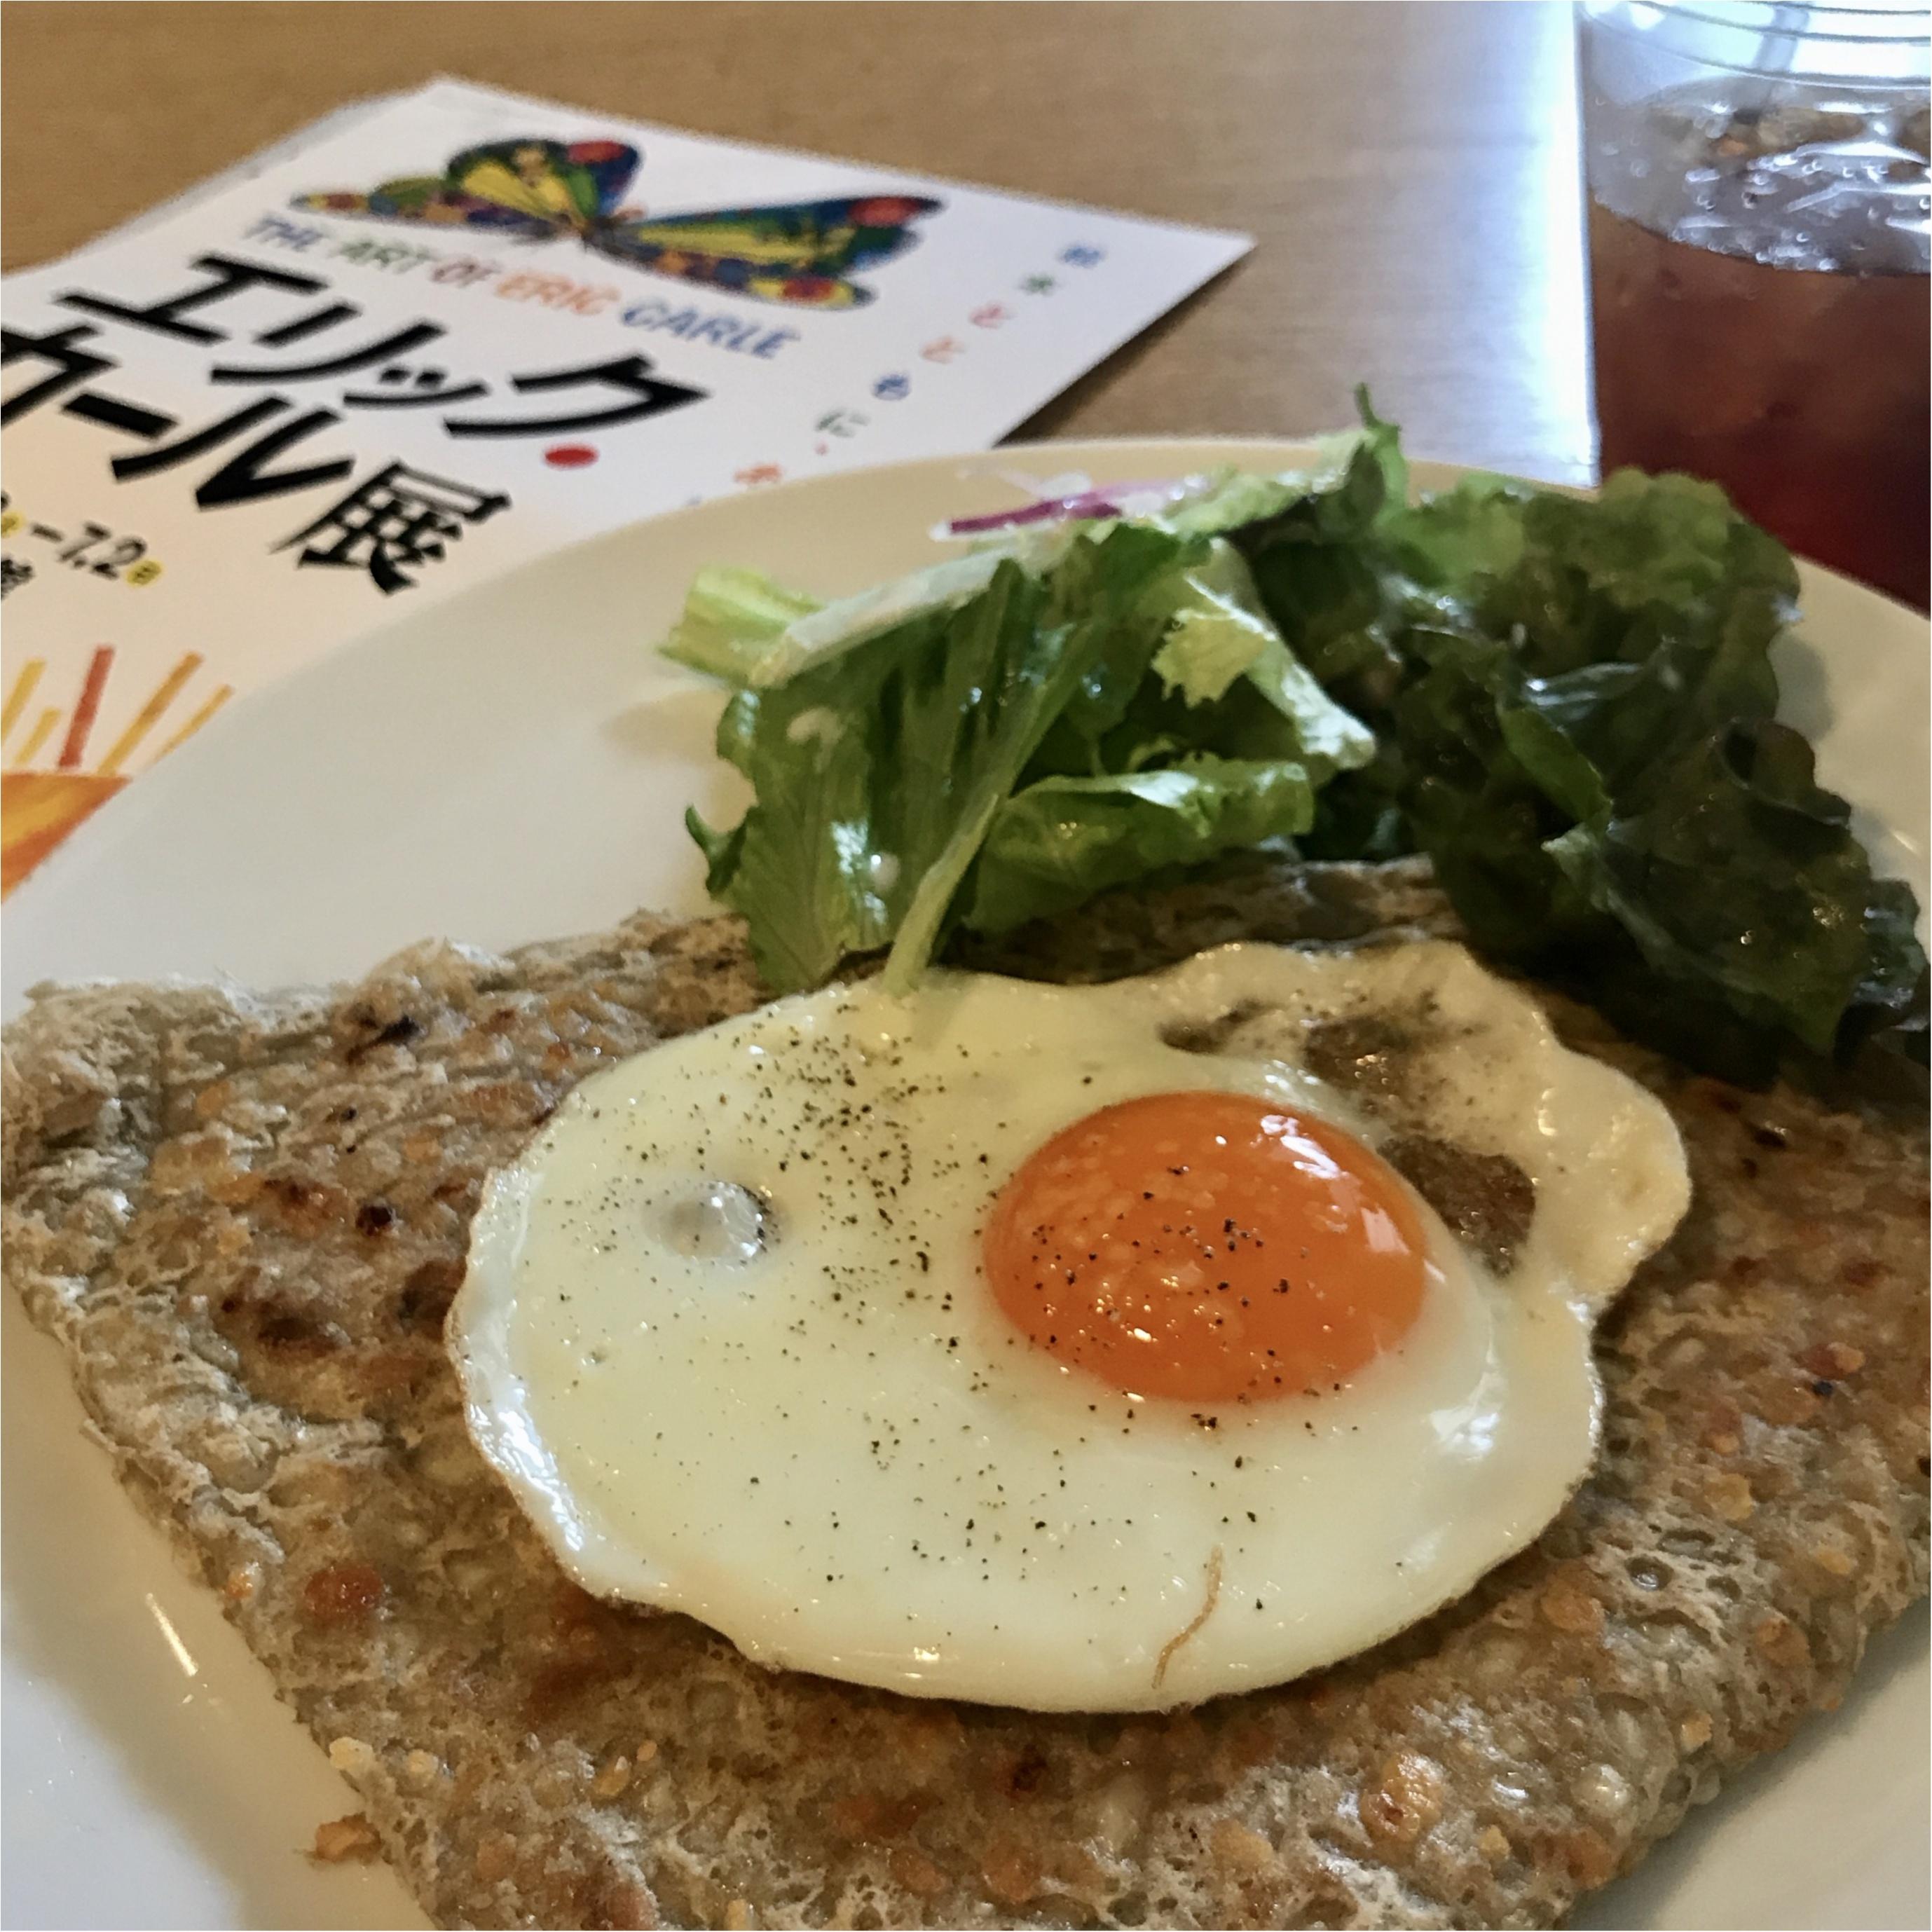 【世田谷美術館】《エリック・カール展》と美味しい◯◯が食べられるミュージアムカフェ♡_3